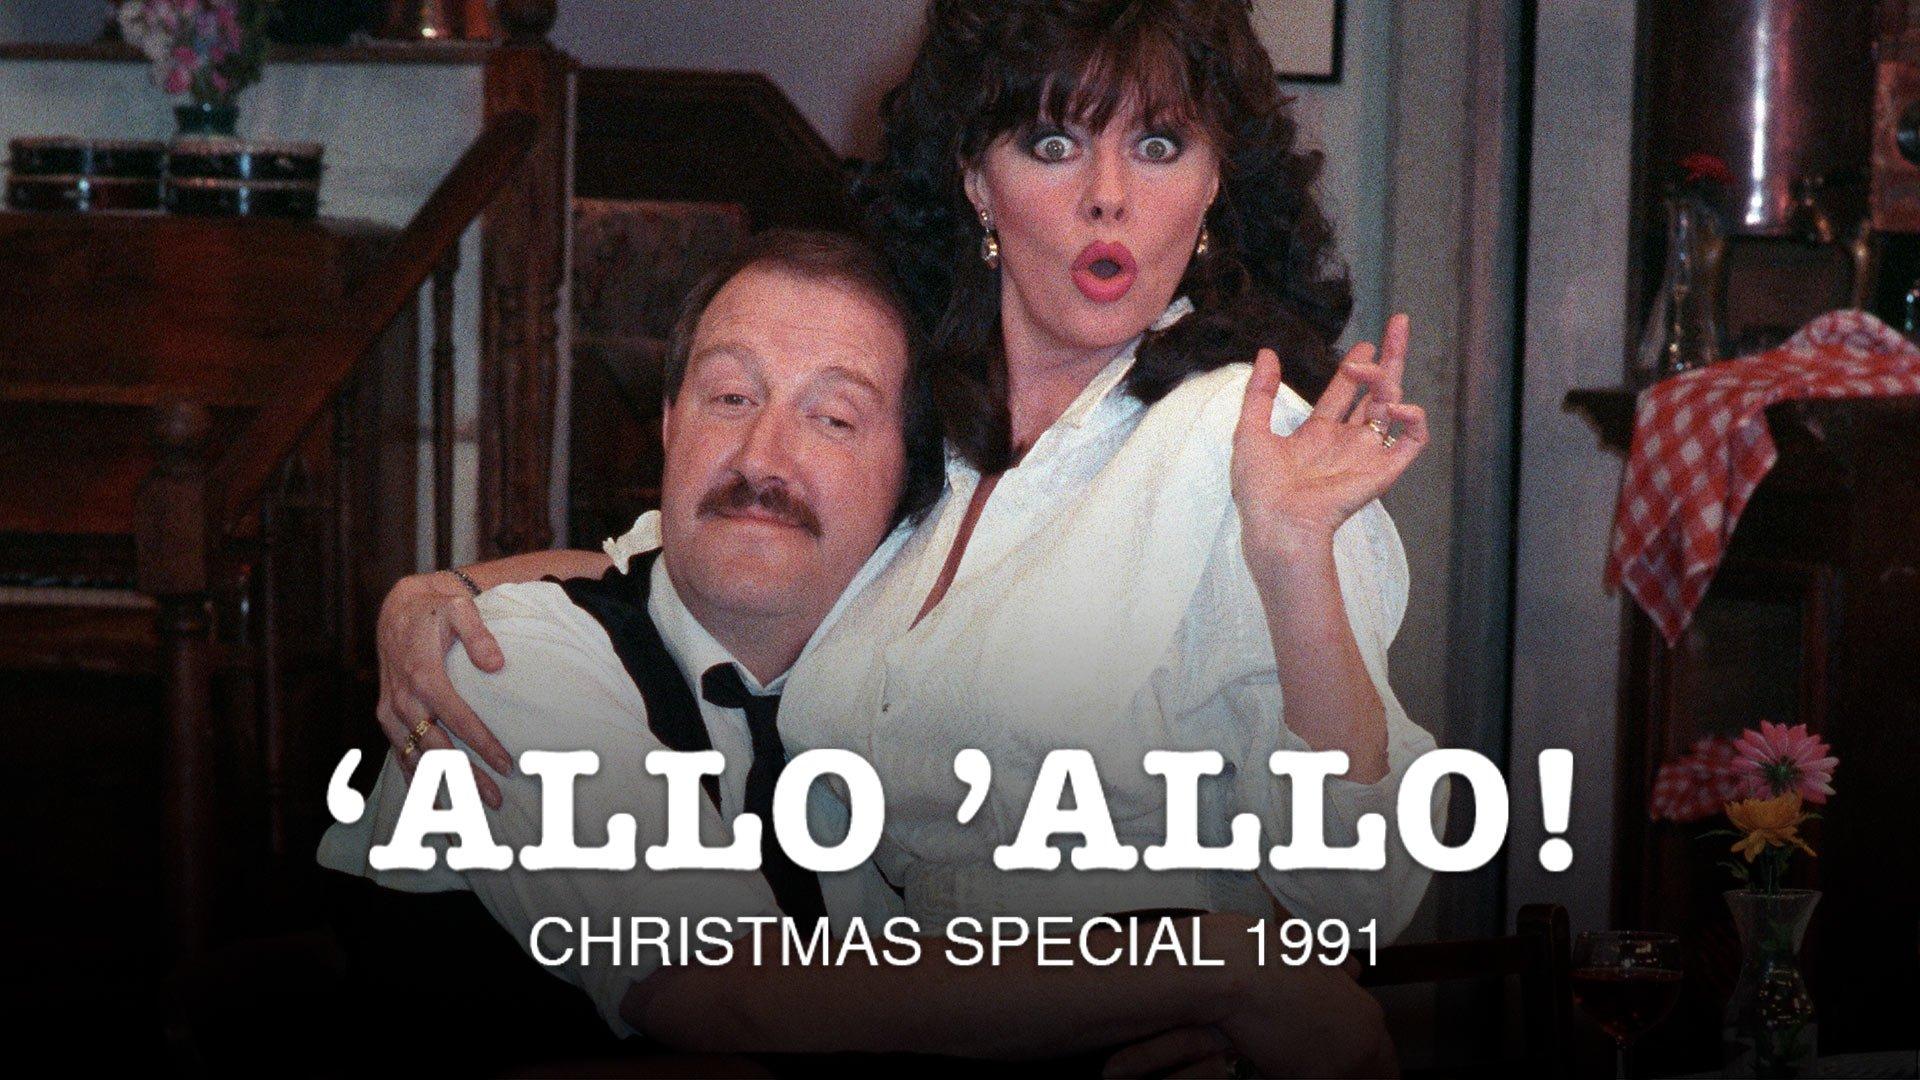 'Allo, 'Allo! Christmas Special 1991 on BritBox UK